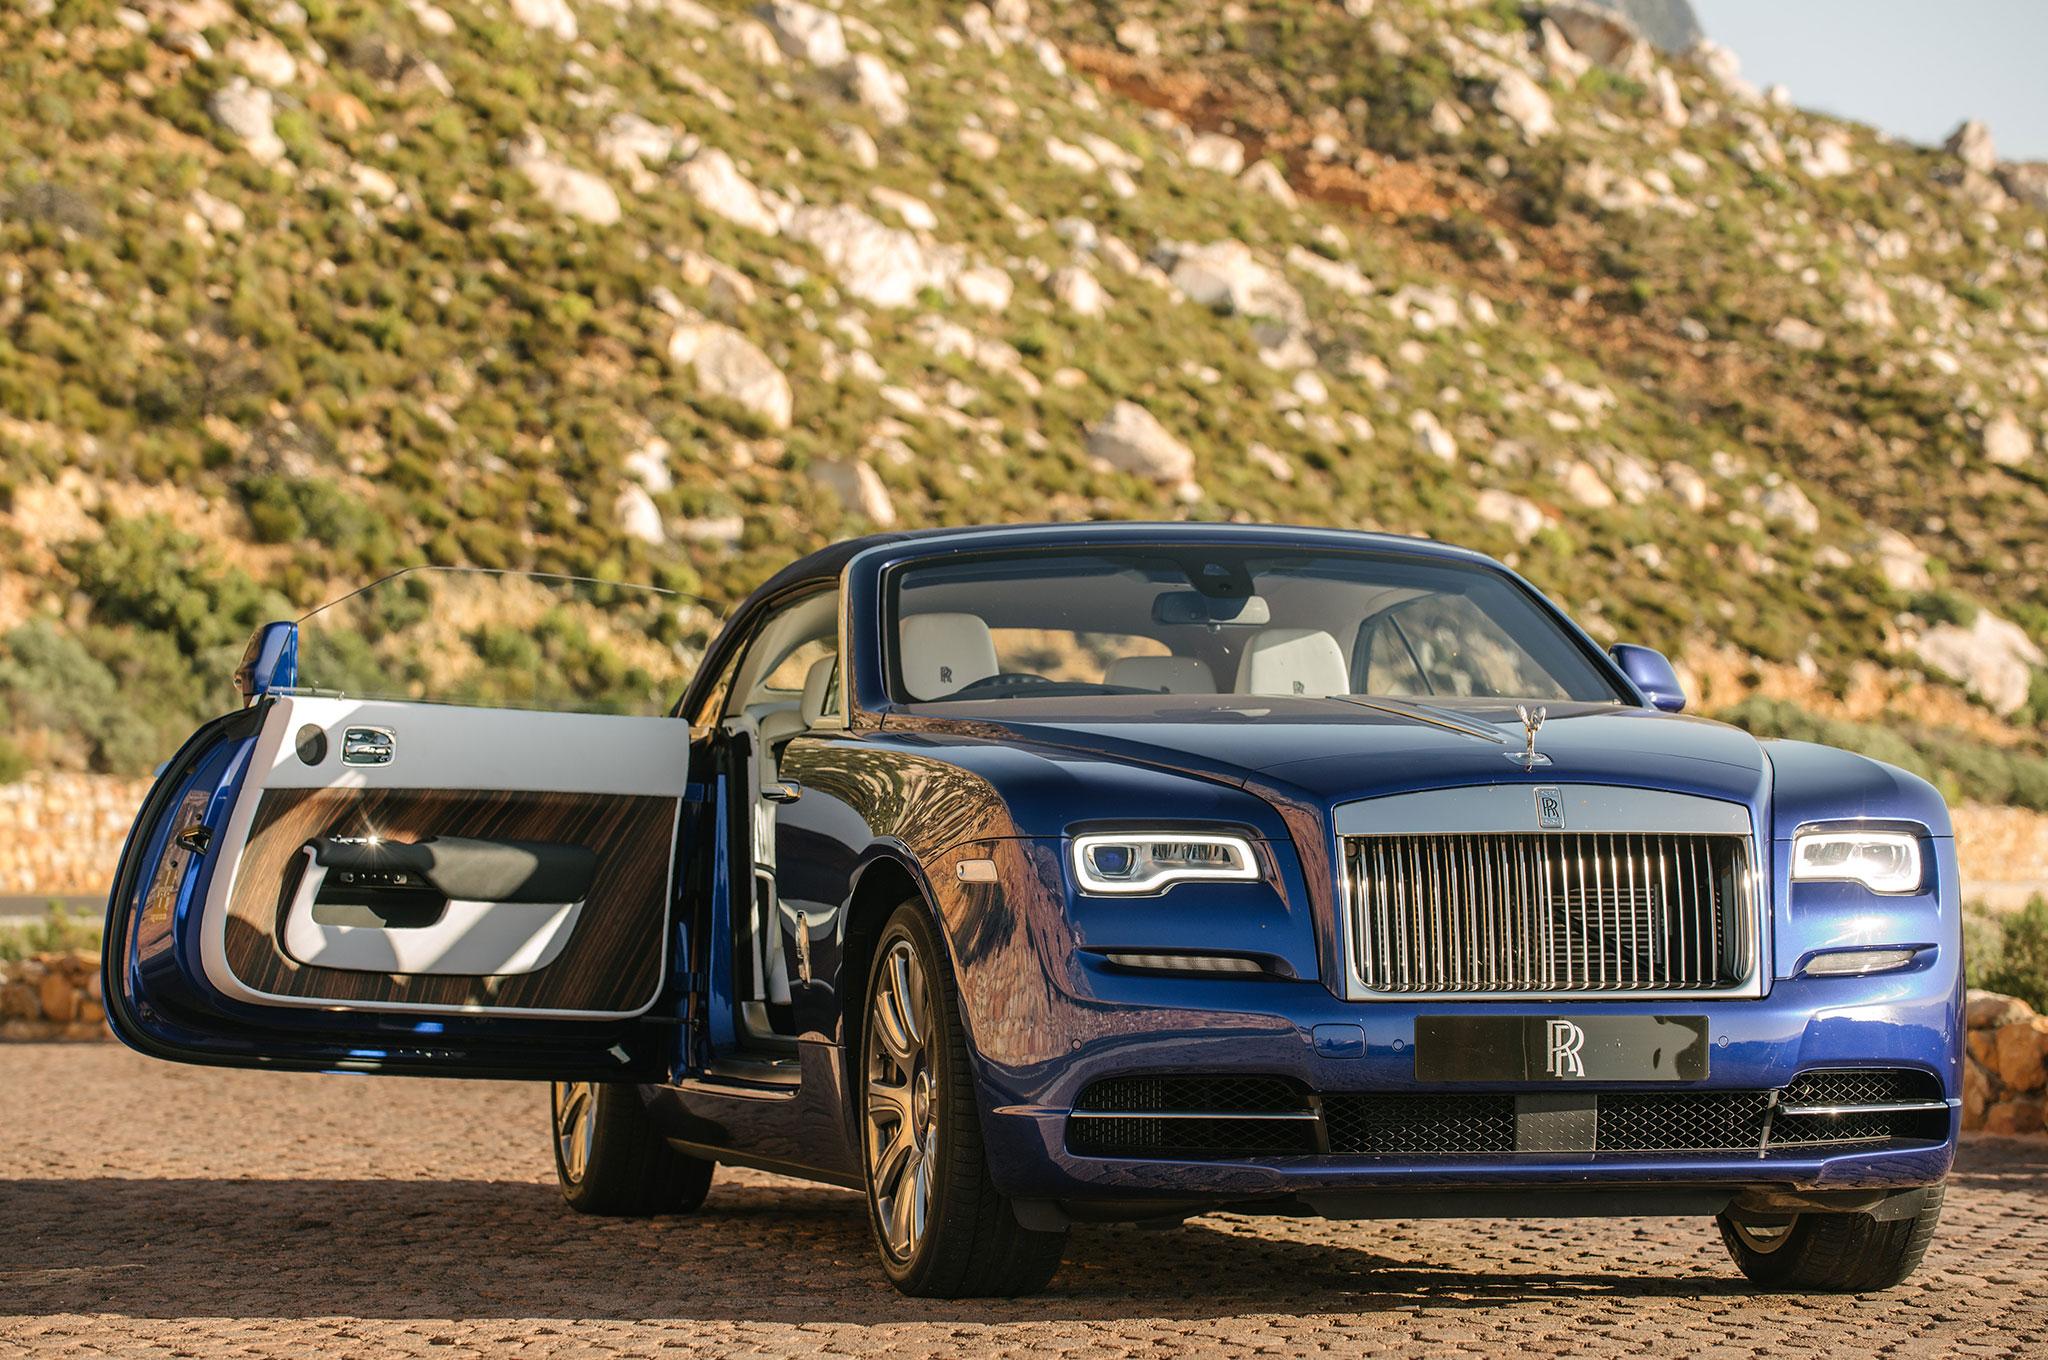 2016-Rolls-Royce-Dawn-front-end-03.jpg